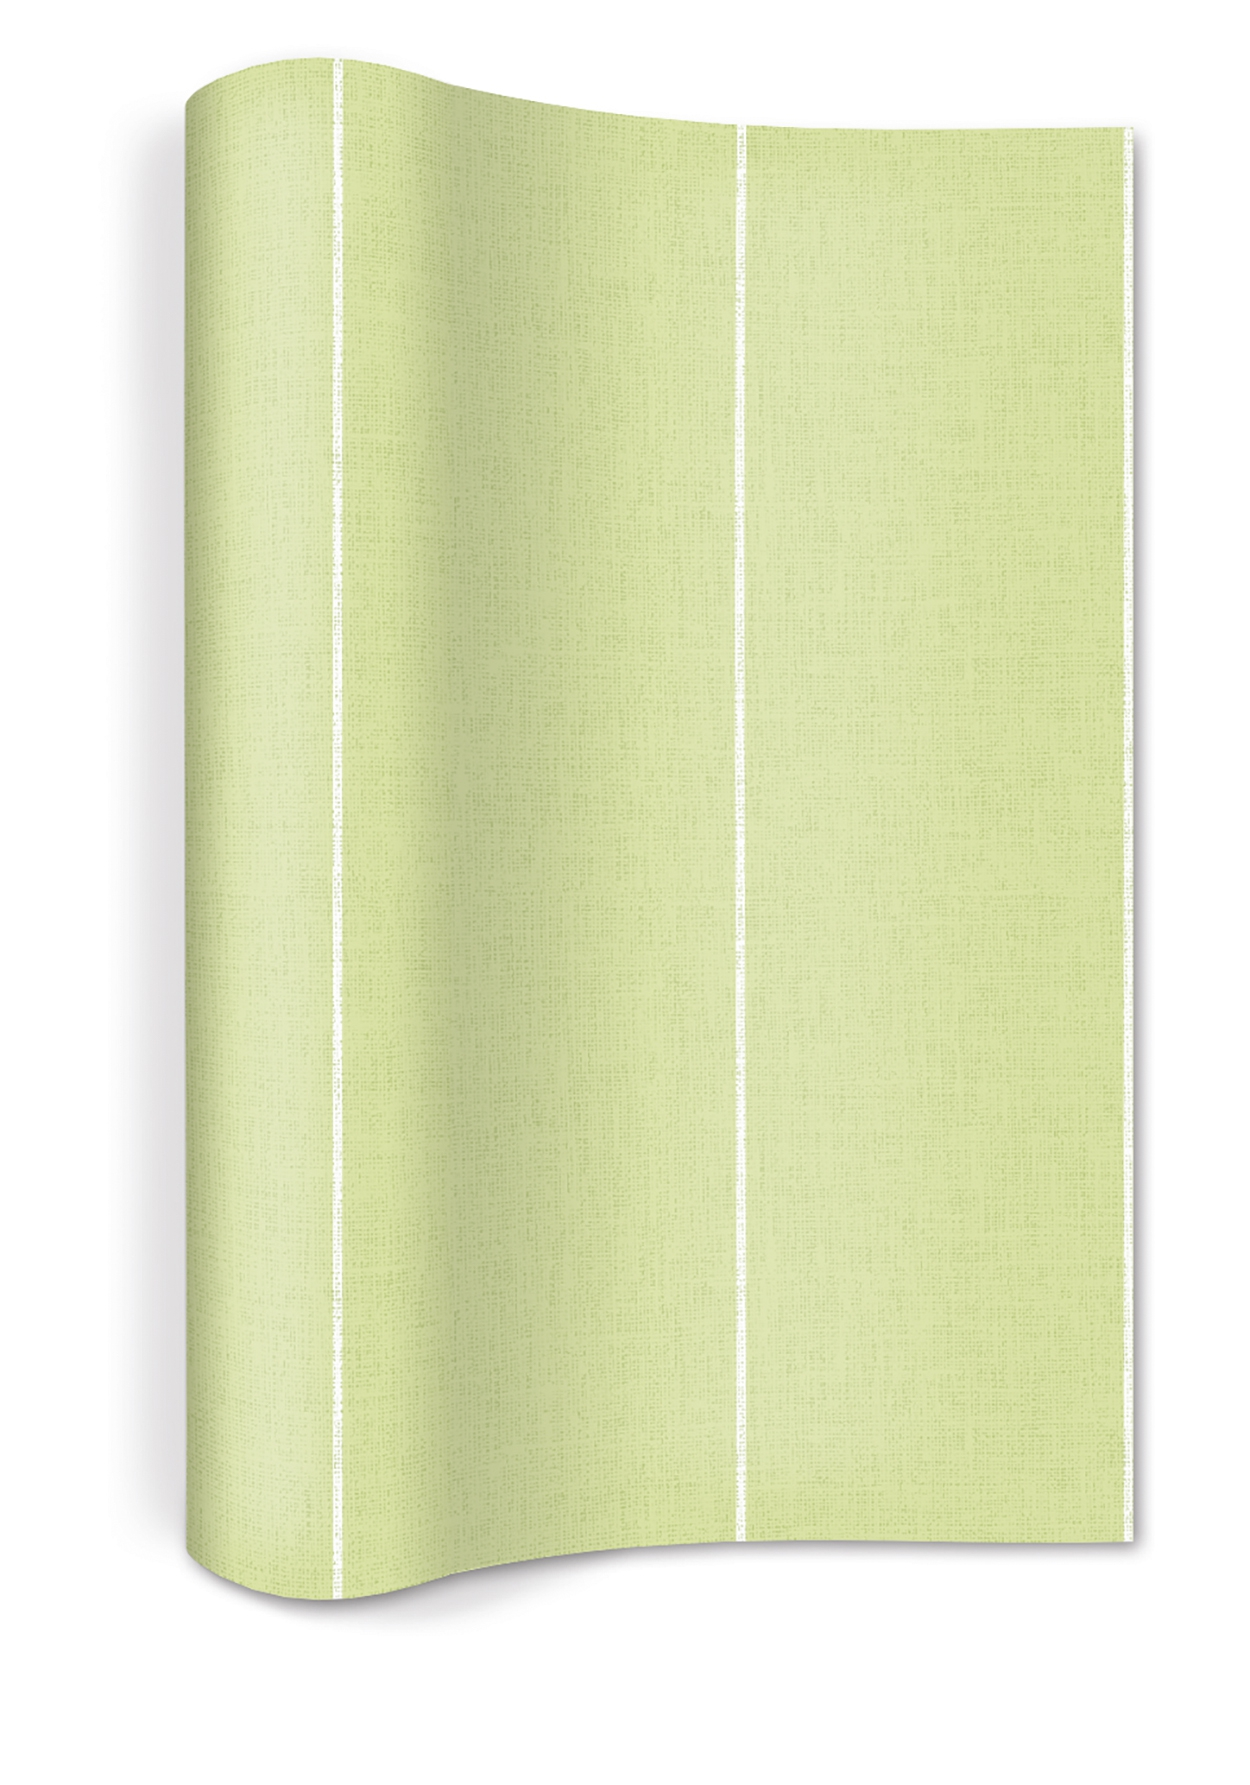 Tischläufer - Home green